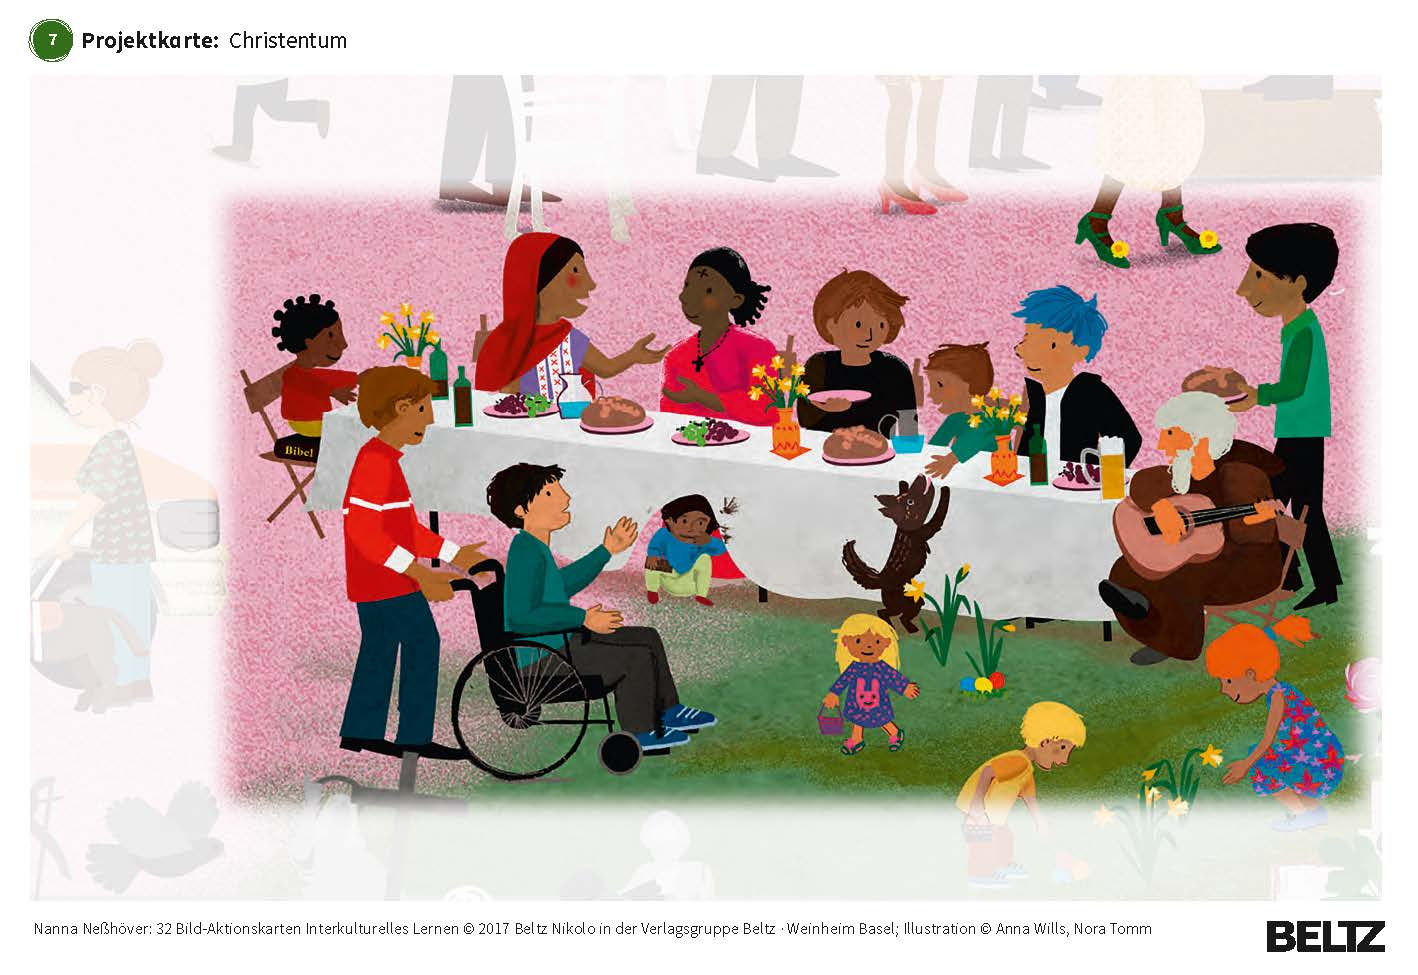 32 bild aktionskarten interkulturelles lernen leben glauben feiern in den 5 weltreligionen. Black Bedroom Furniture Sets. Home Design Ideas